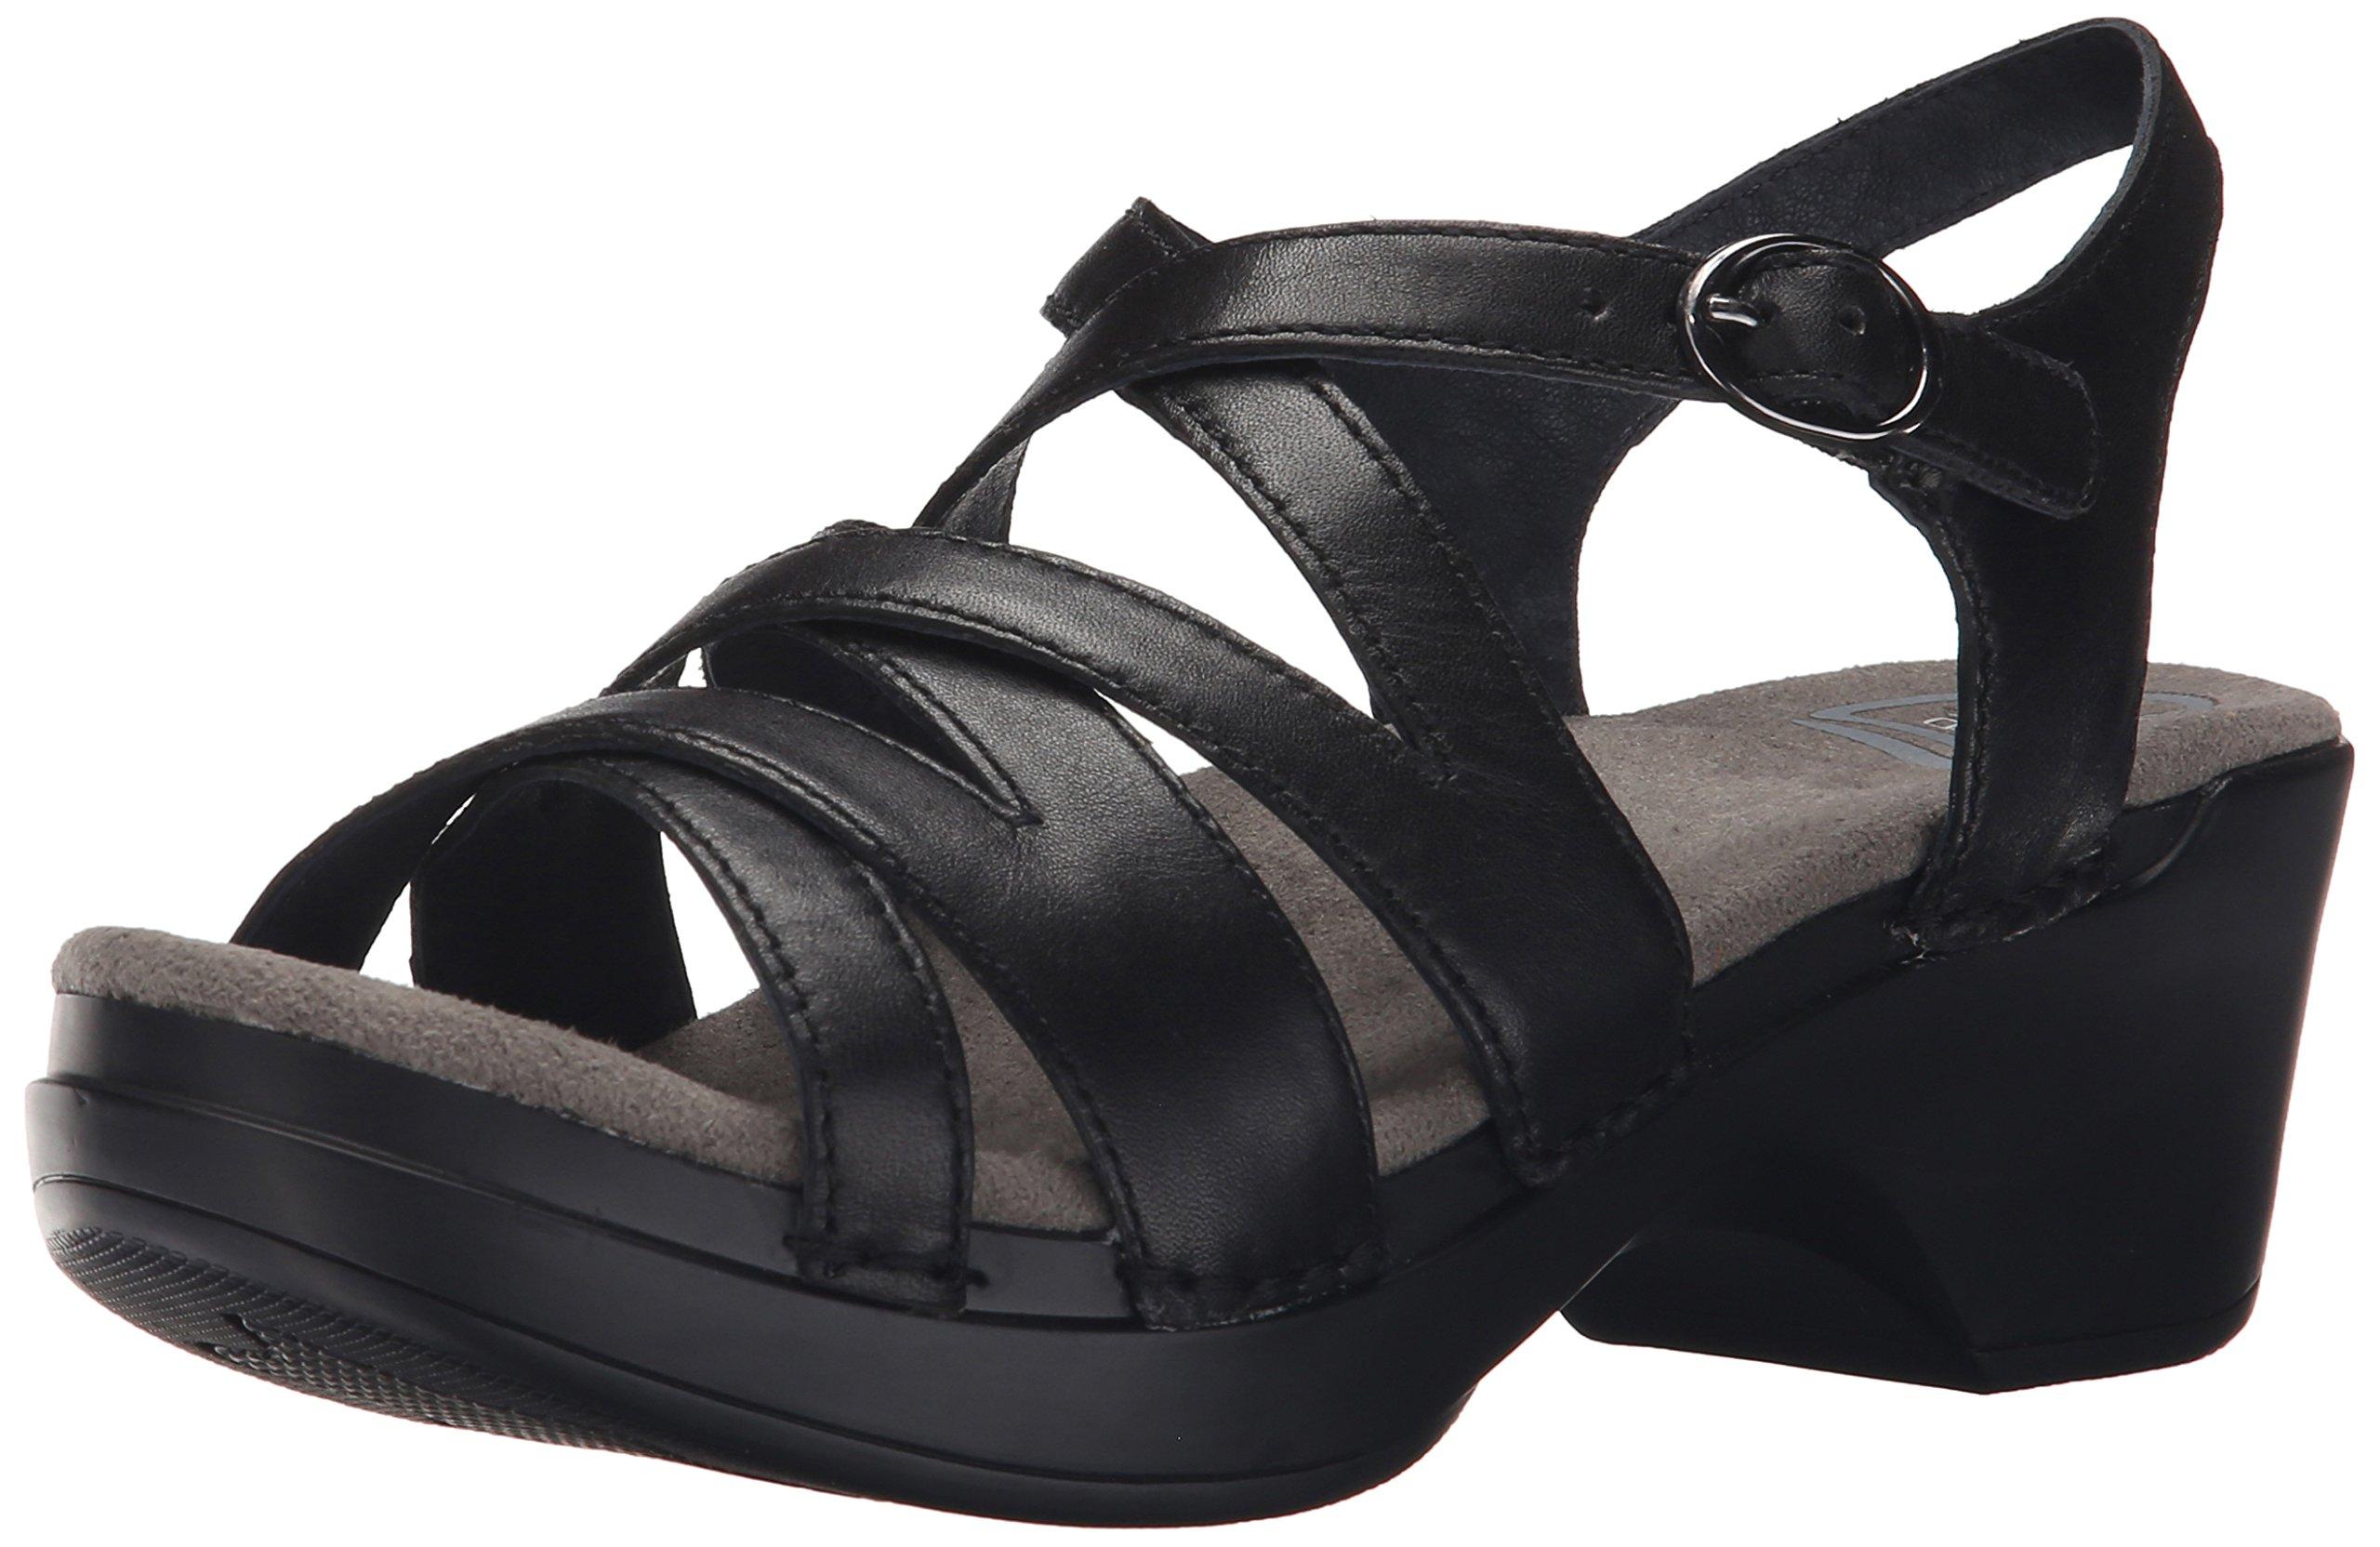 Dansko Women's Stevie Wedge Sandal, Black Full Grain, 36 EU/5.5-6 M US